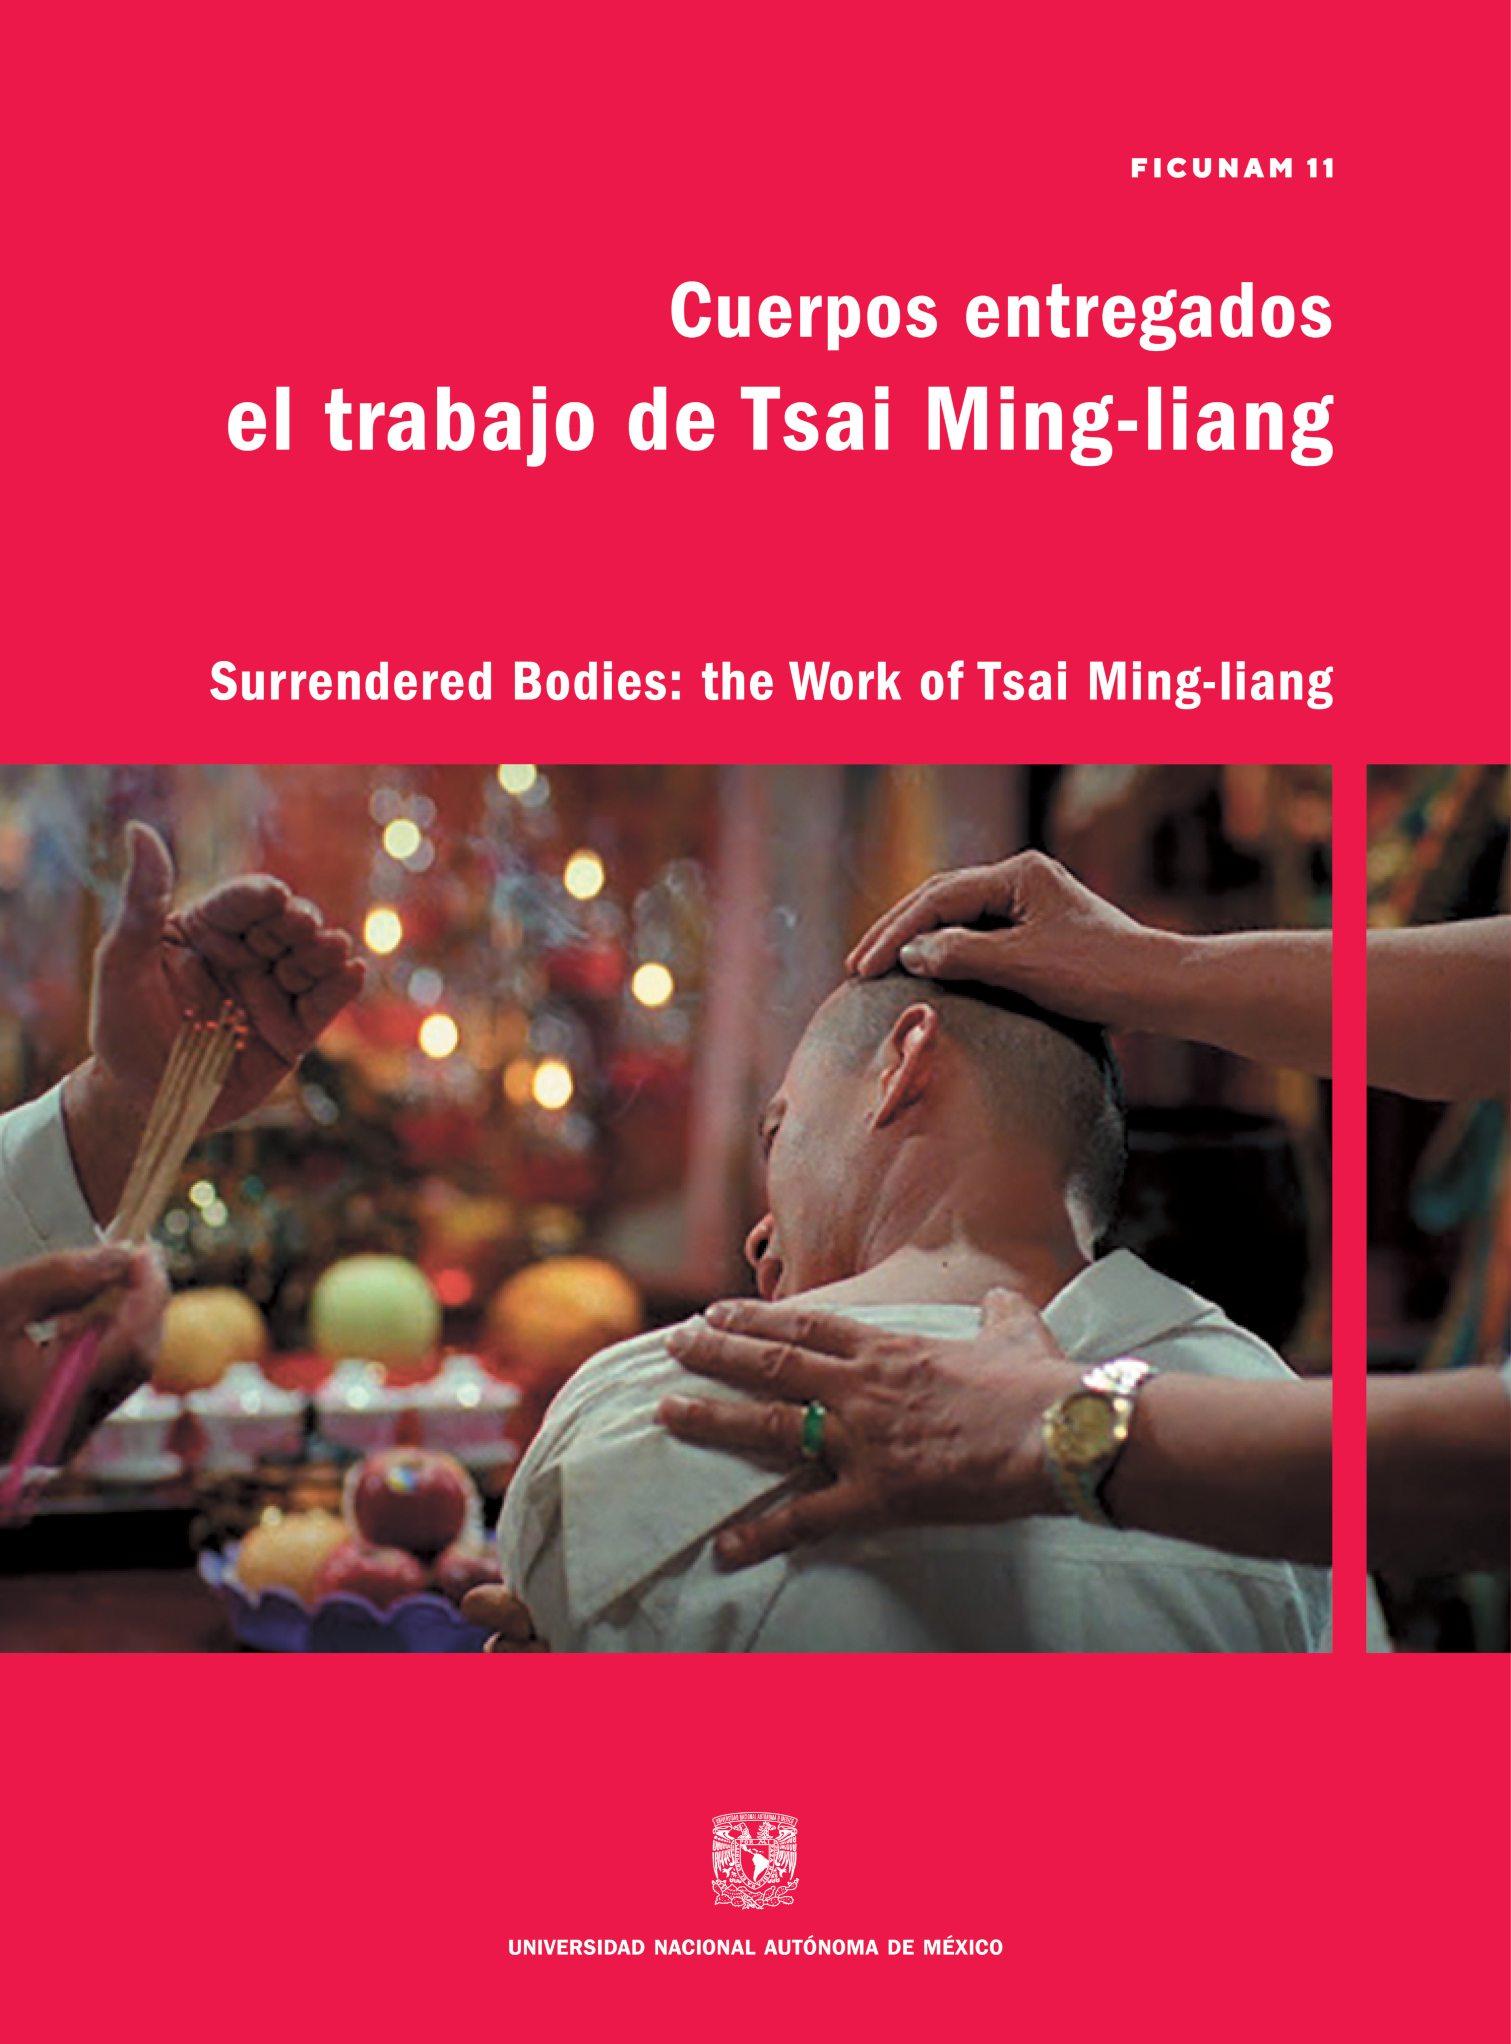 Cuerpos entregados el trabajo de Tsai Ming-liang